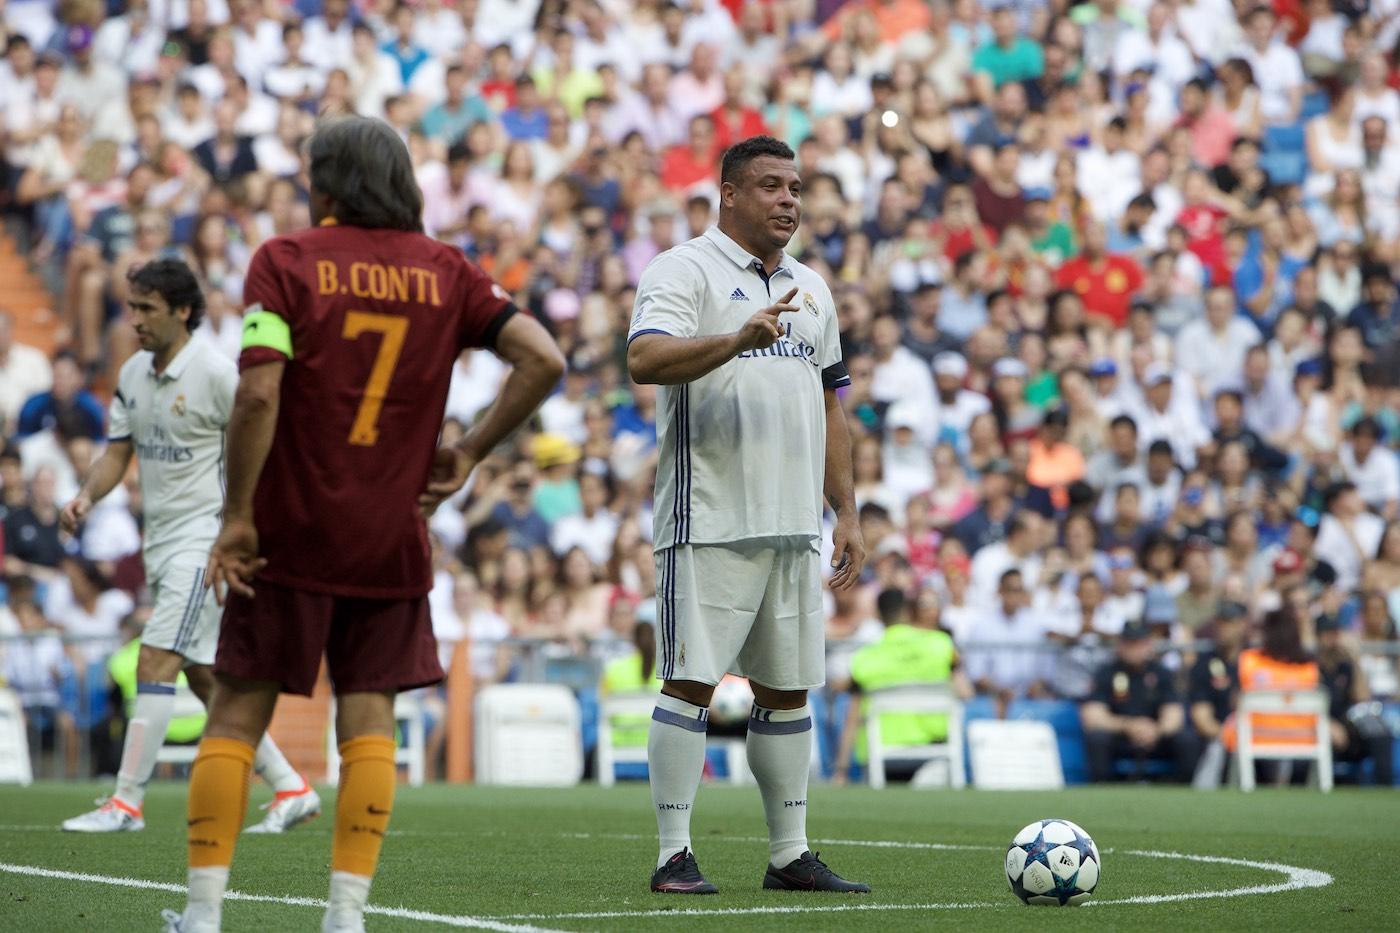 Ronaldo-y-Conti